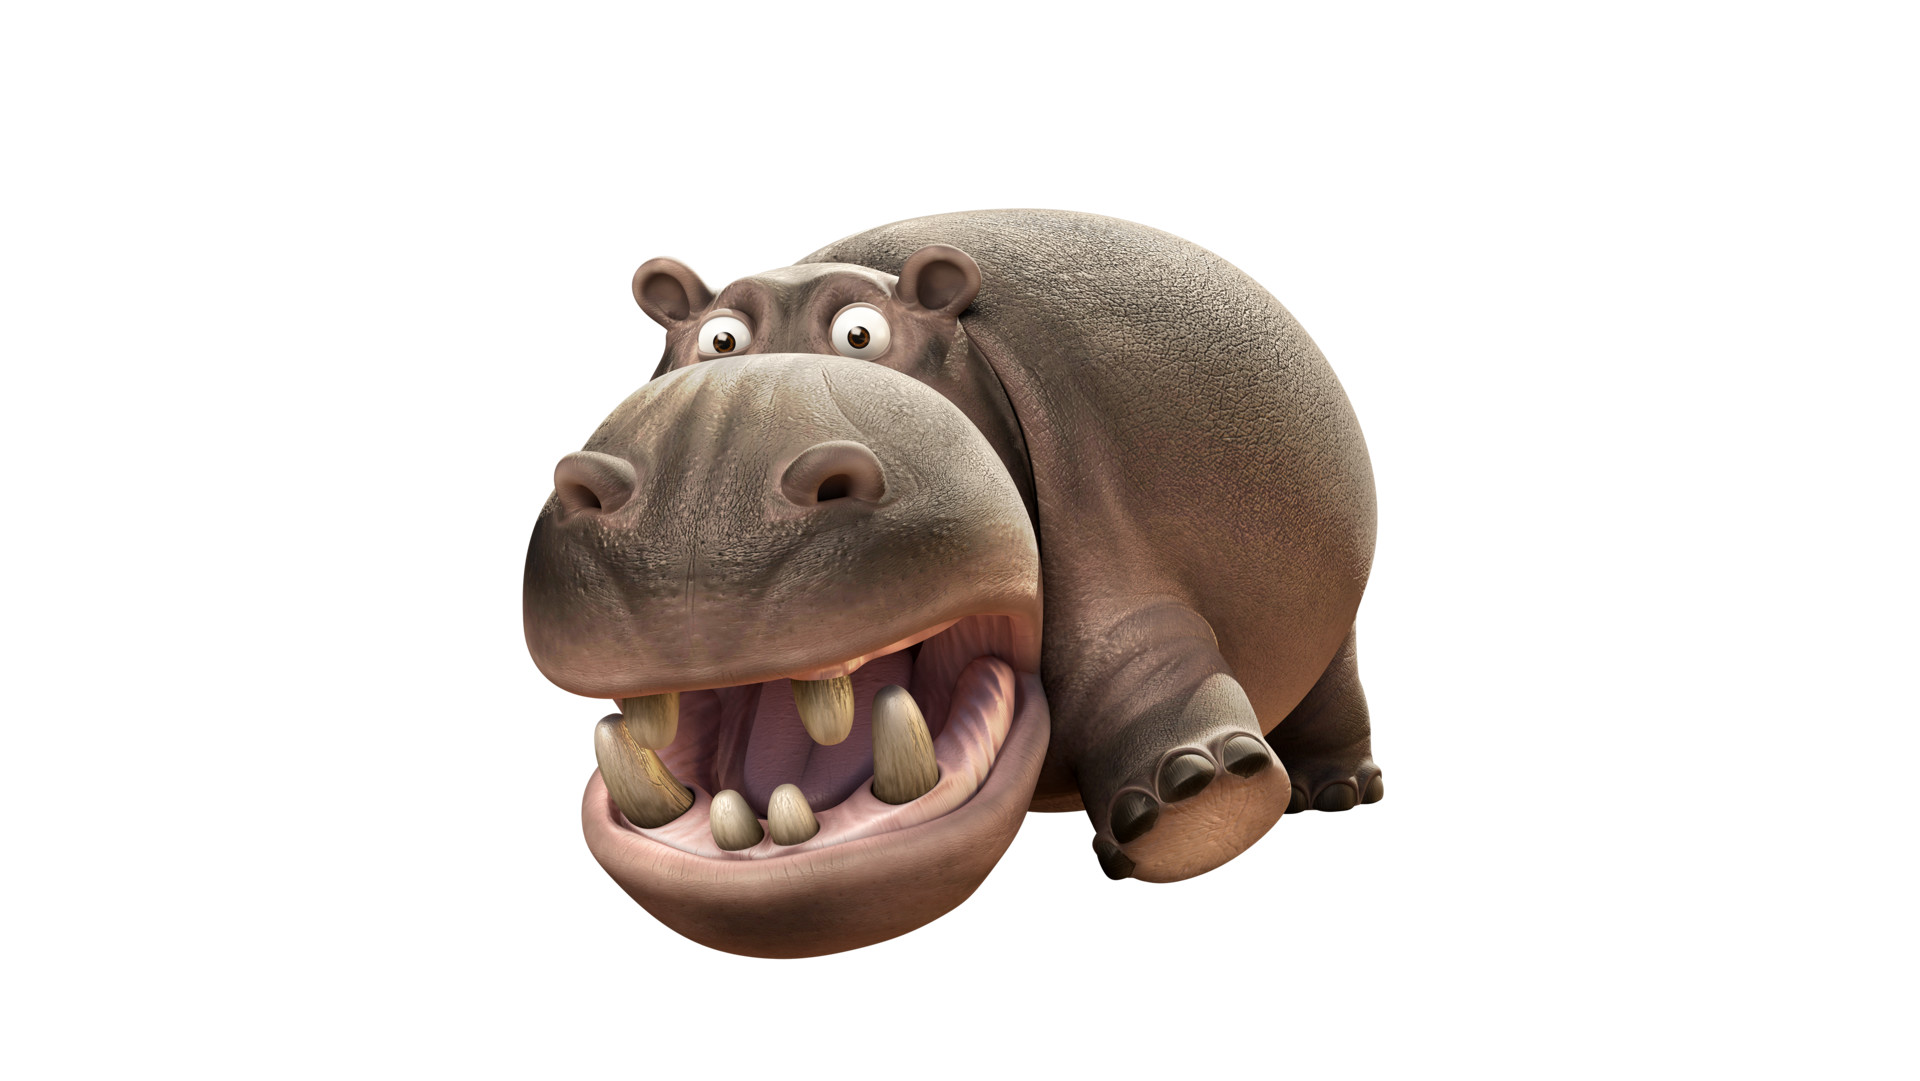 Duc phil nguyen hippo attitude 79